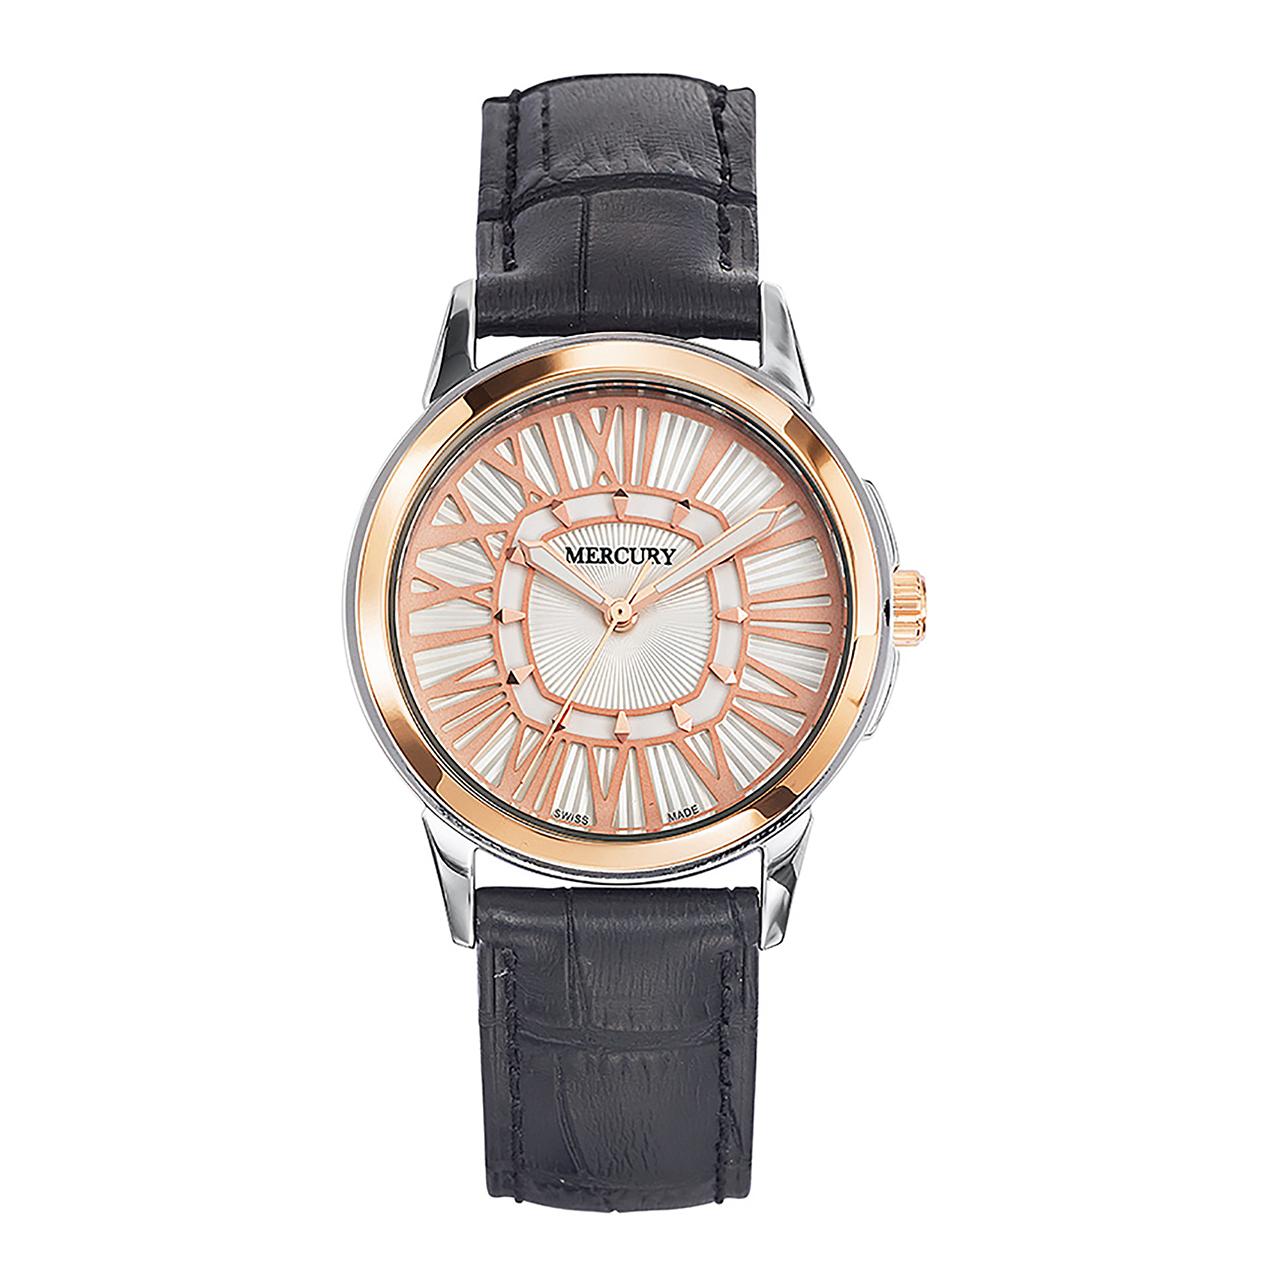 ساعت زنانه برند مرکوری مدل ME330-SRL-1